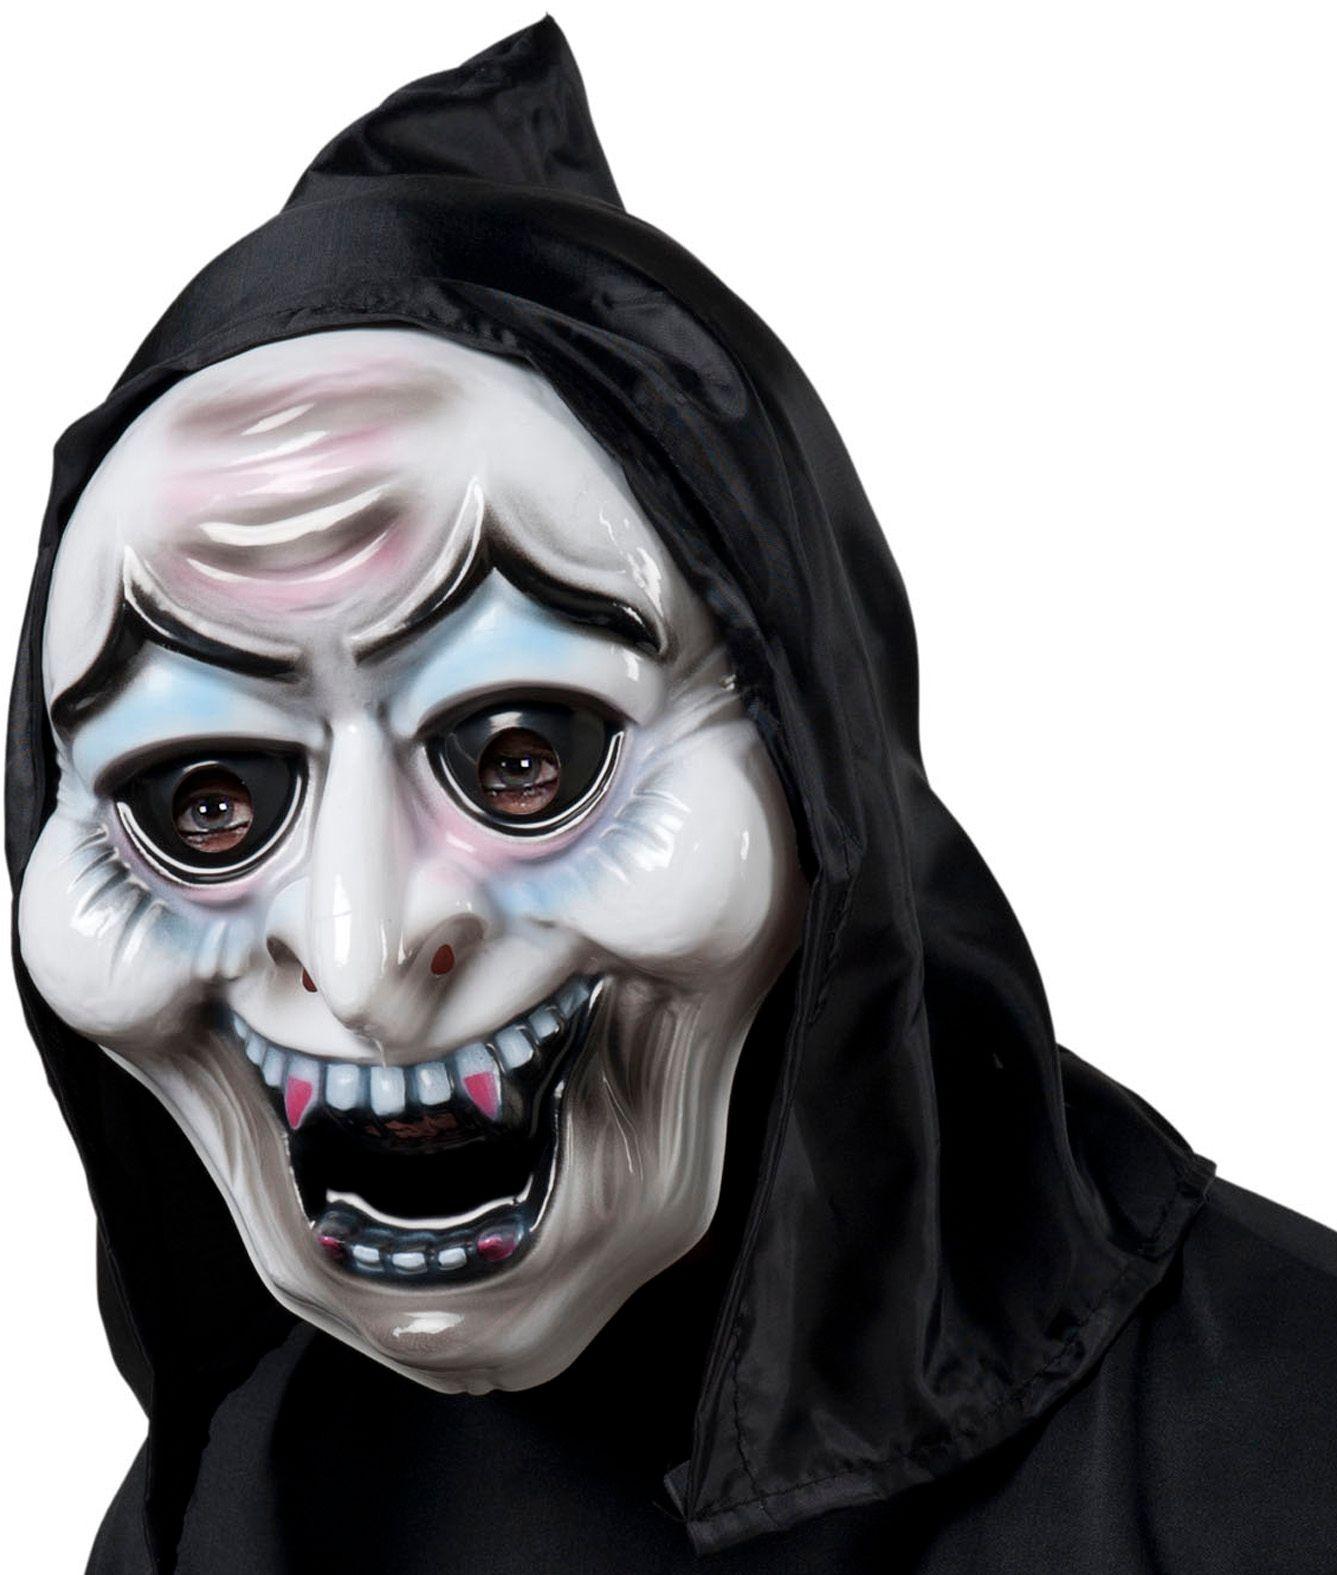 Heksenmasker met kap pvc